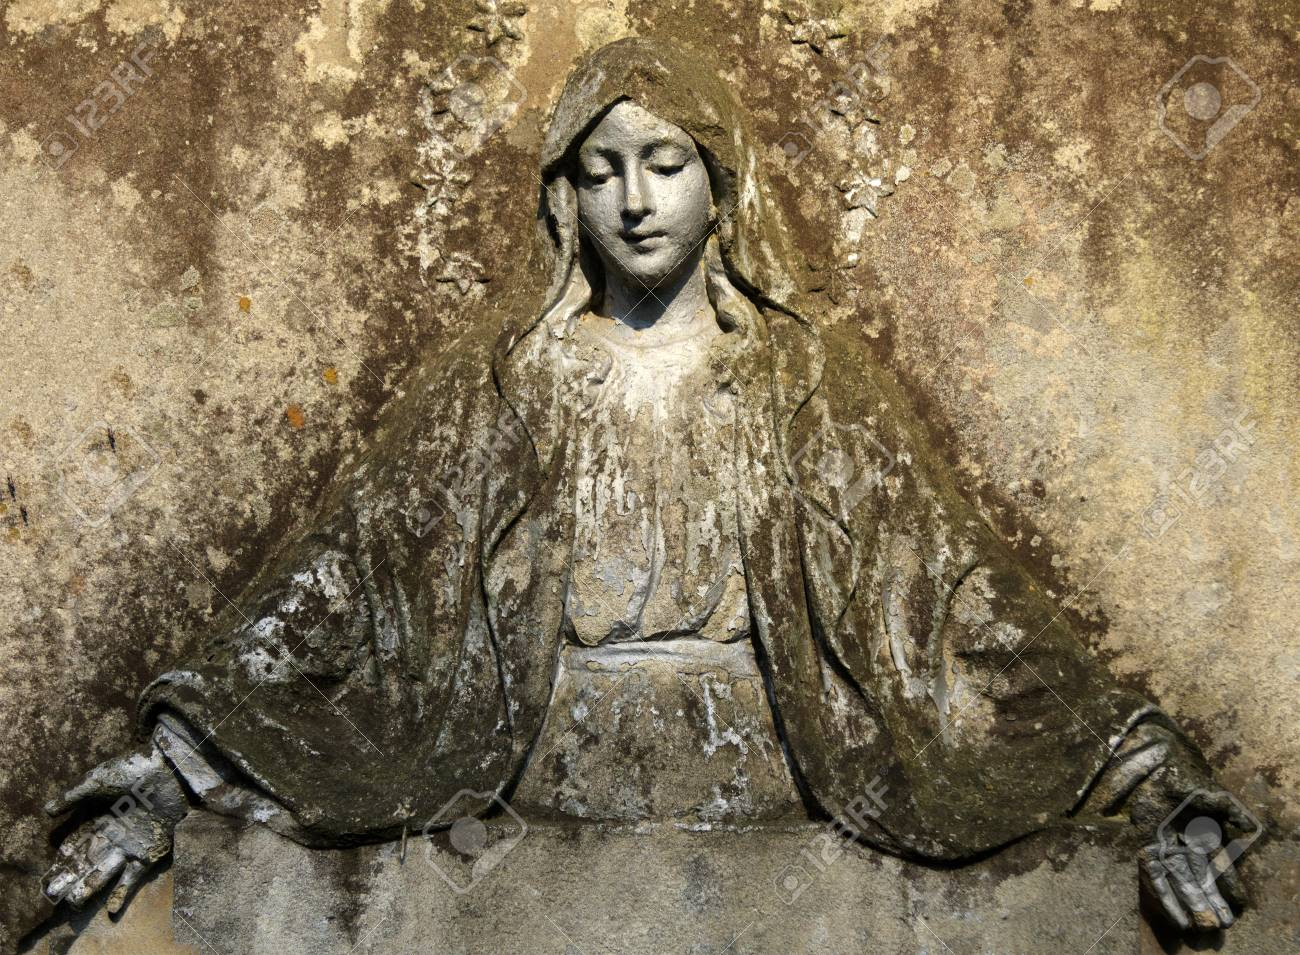 Madonna on a stone fresco. - 84851395